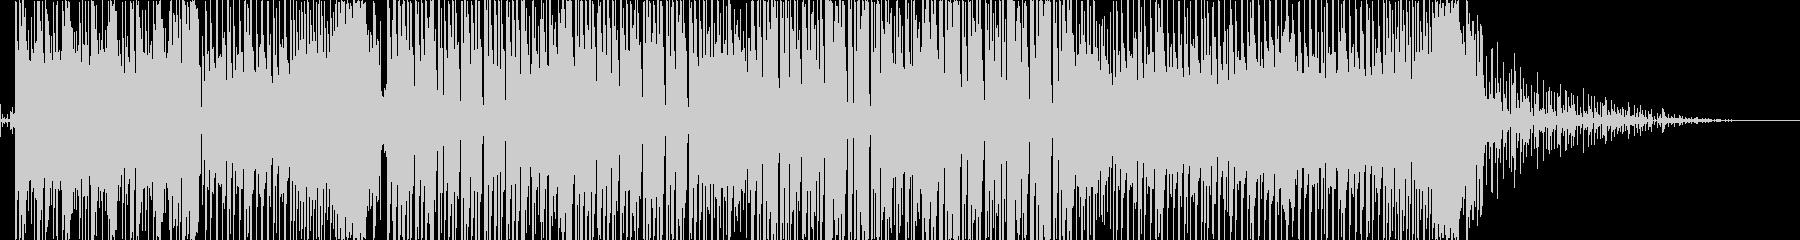 おしゃれなジャージークラブ(声ネタ無し)の未再生の波形